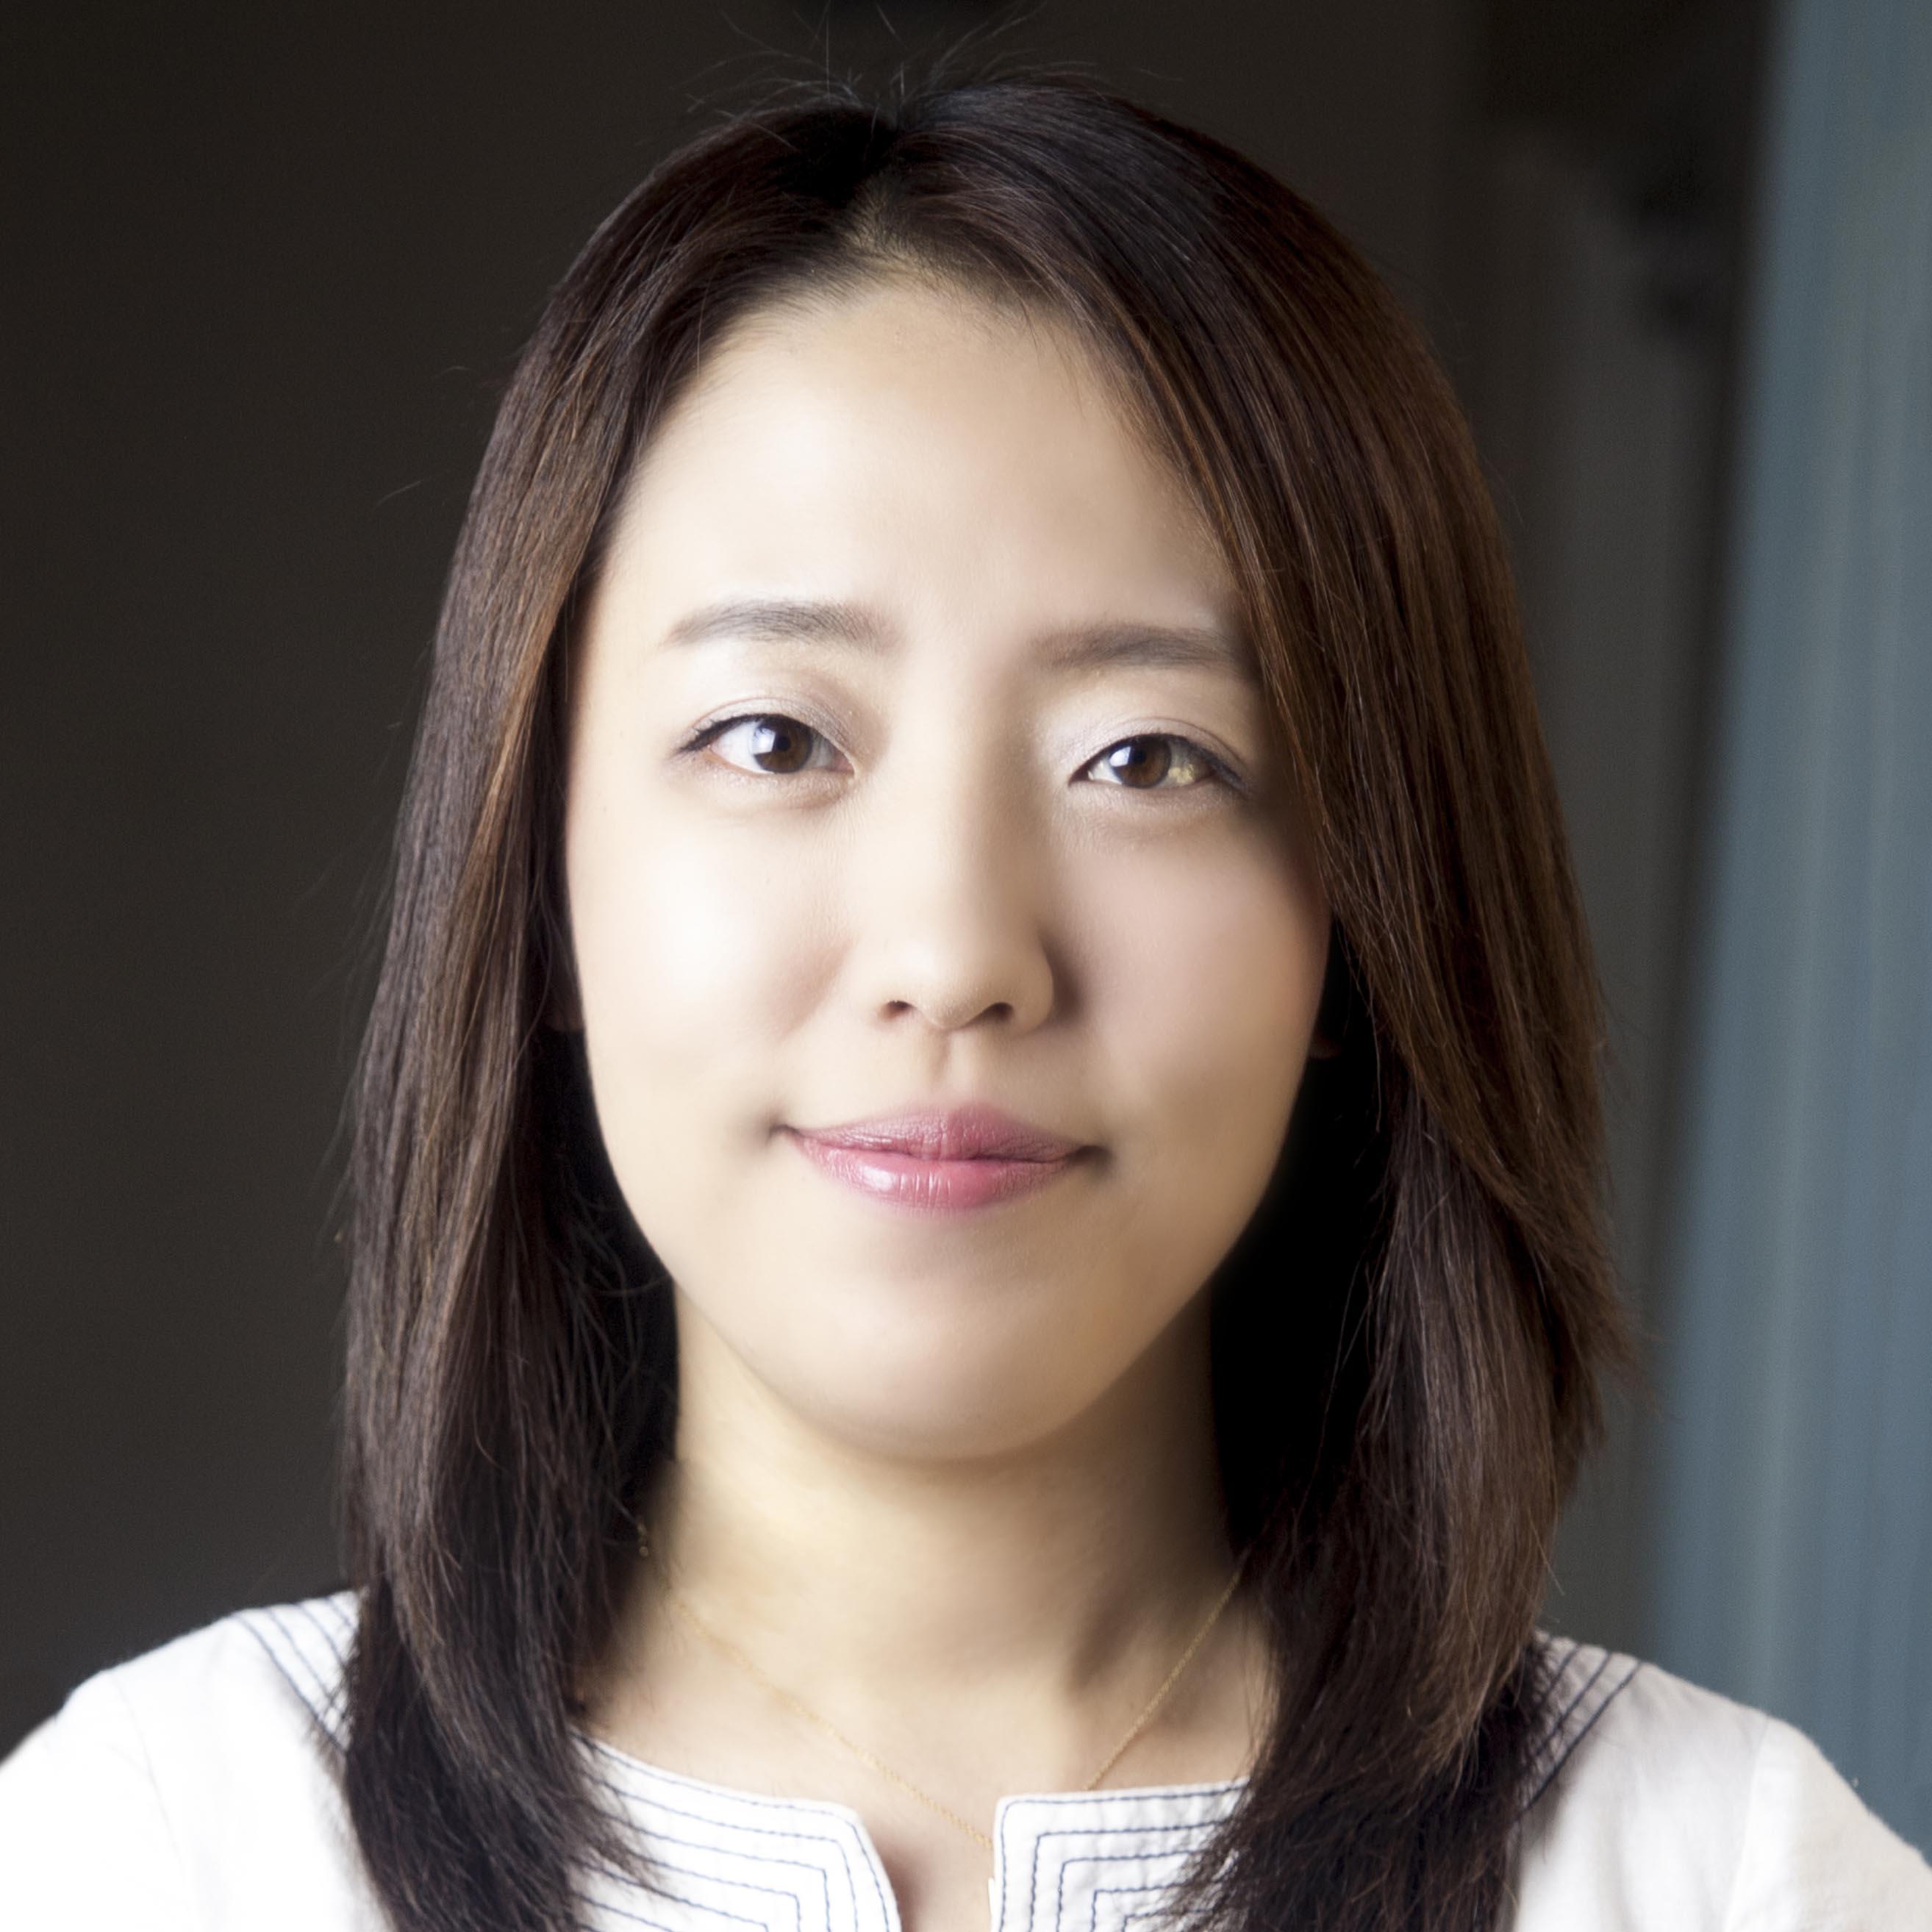 Siwon Jang